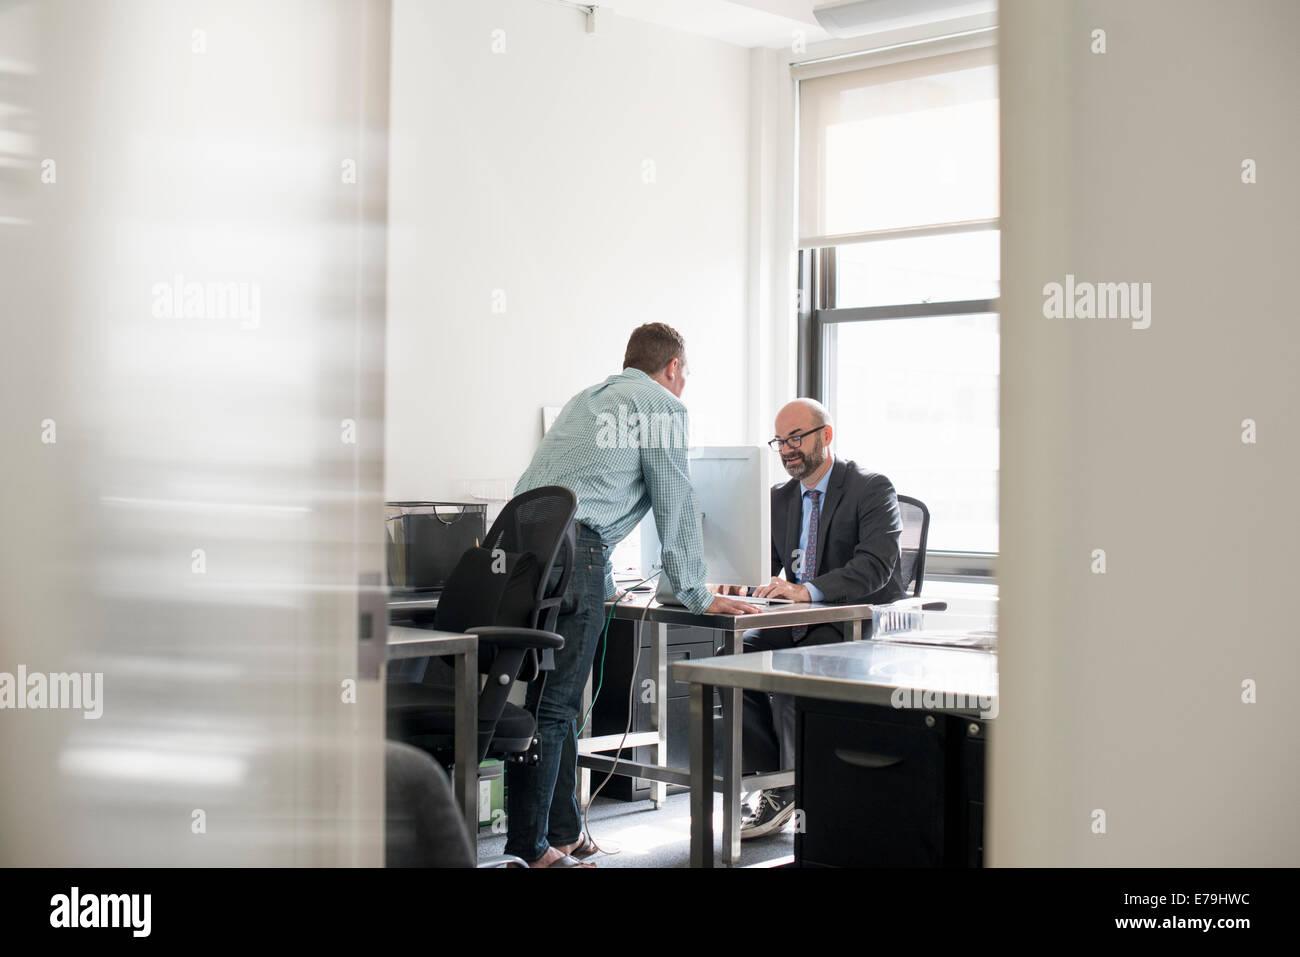 Vita in ufficio. Due persone che parlano tra di loro su una scrivania. Immagini Stock